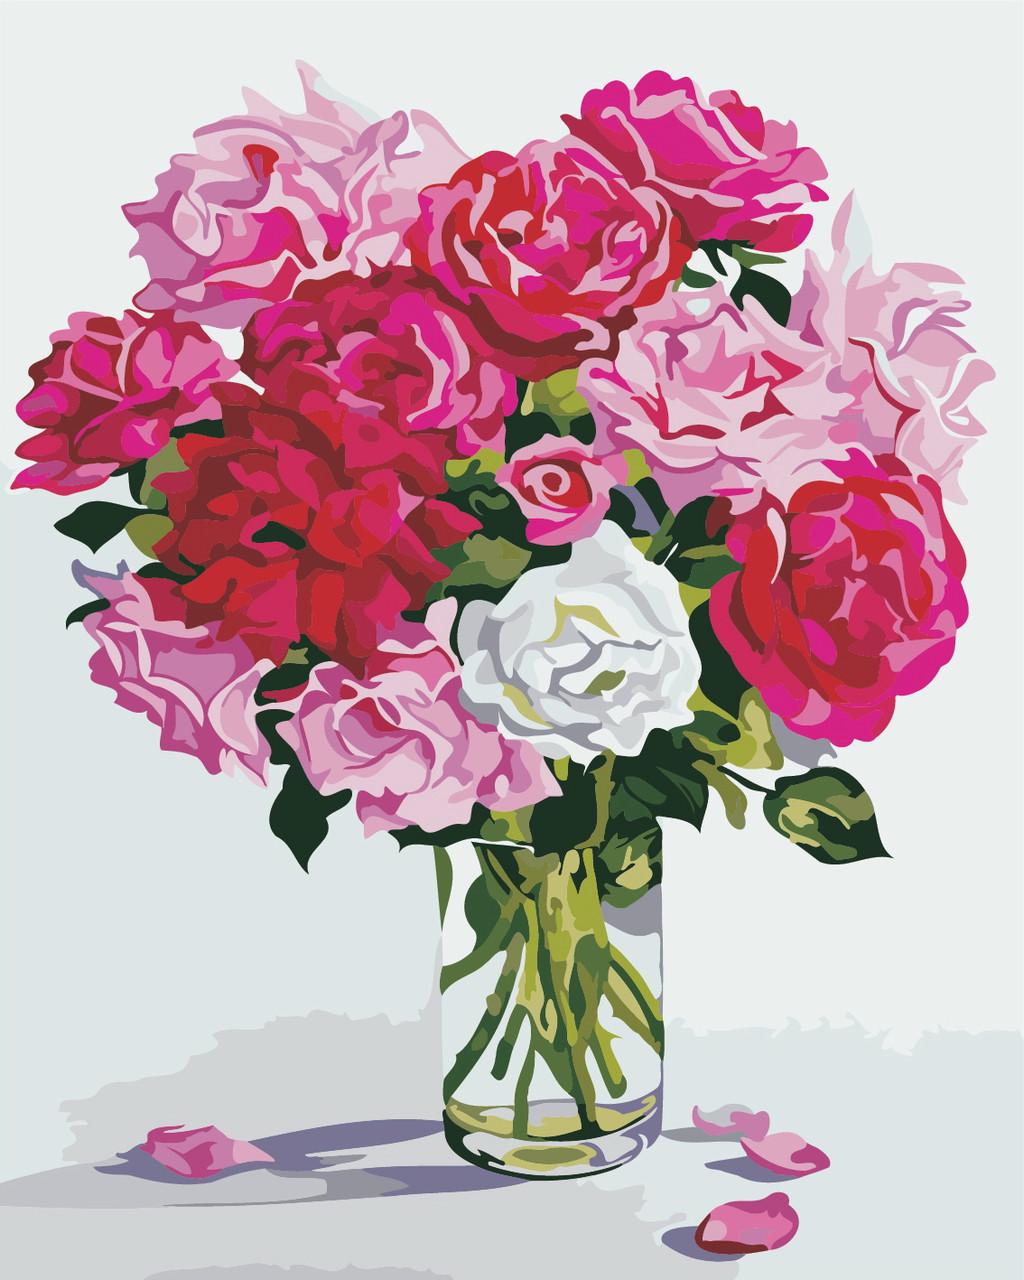 Художественный творческий набор, картина по номерам Оттенки розового, 40x50 см, «Art Story» (AS0336)